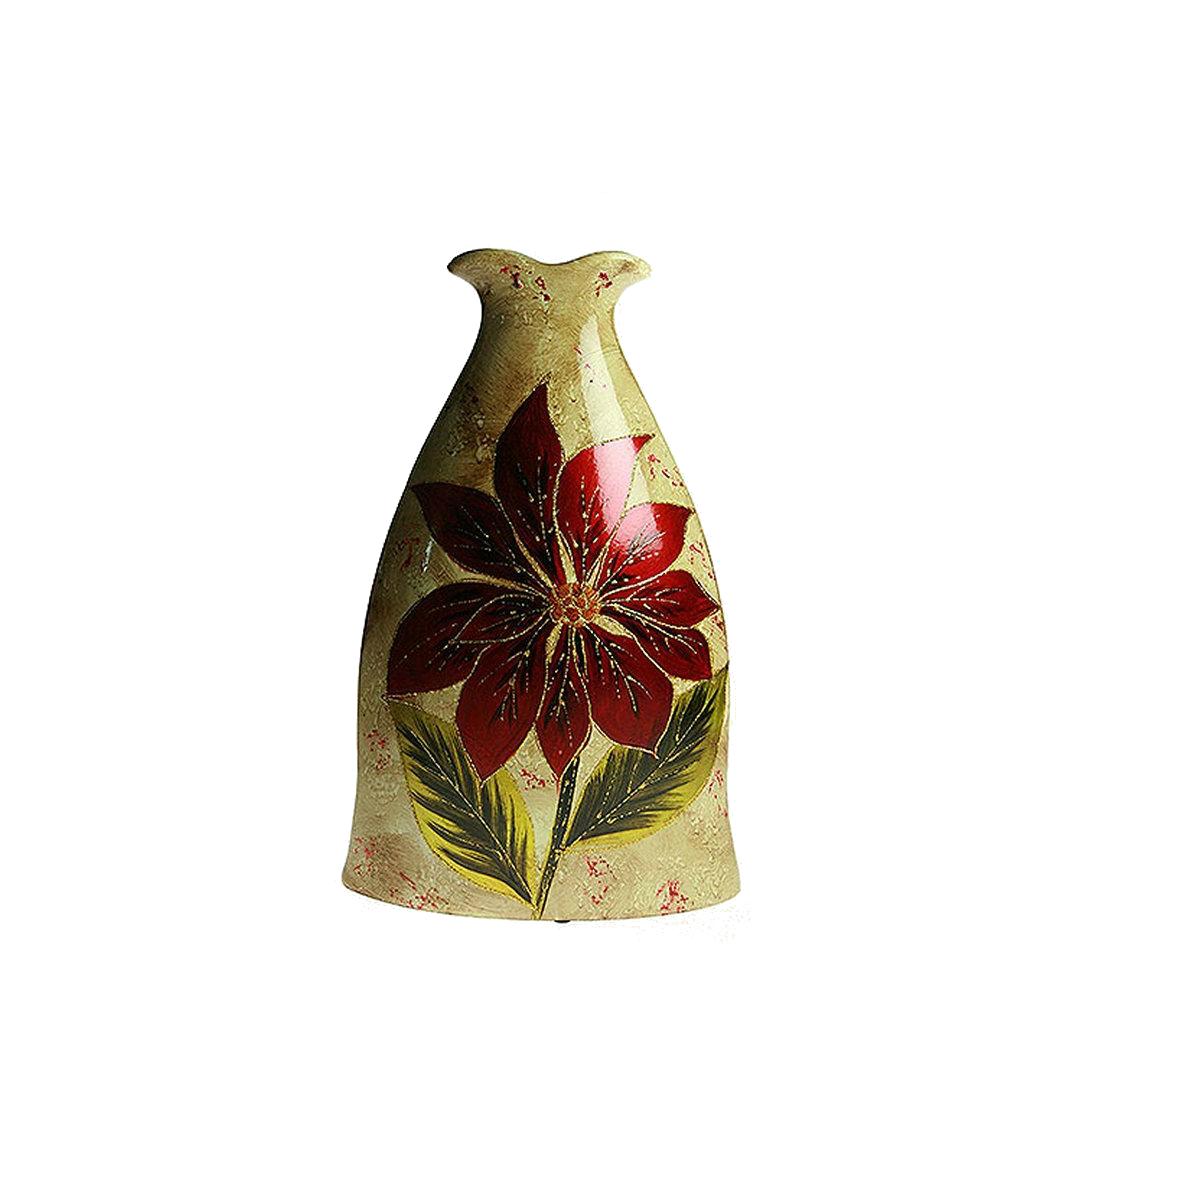 Ваза Русские Подарки Огненный цветок, высота 38 см. 214514